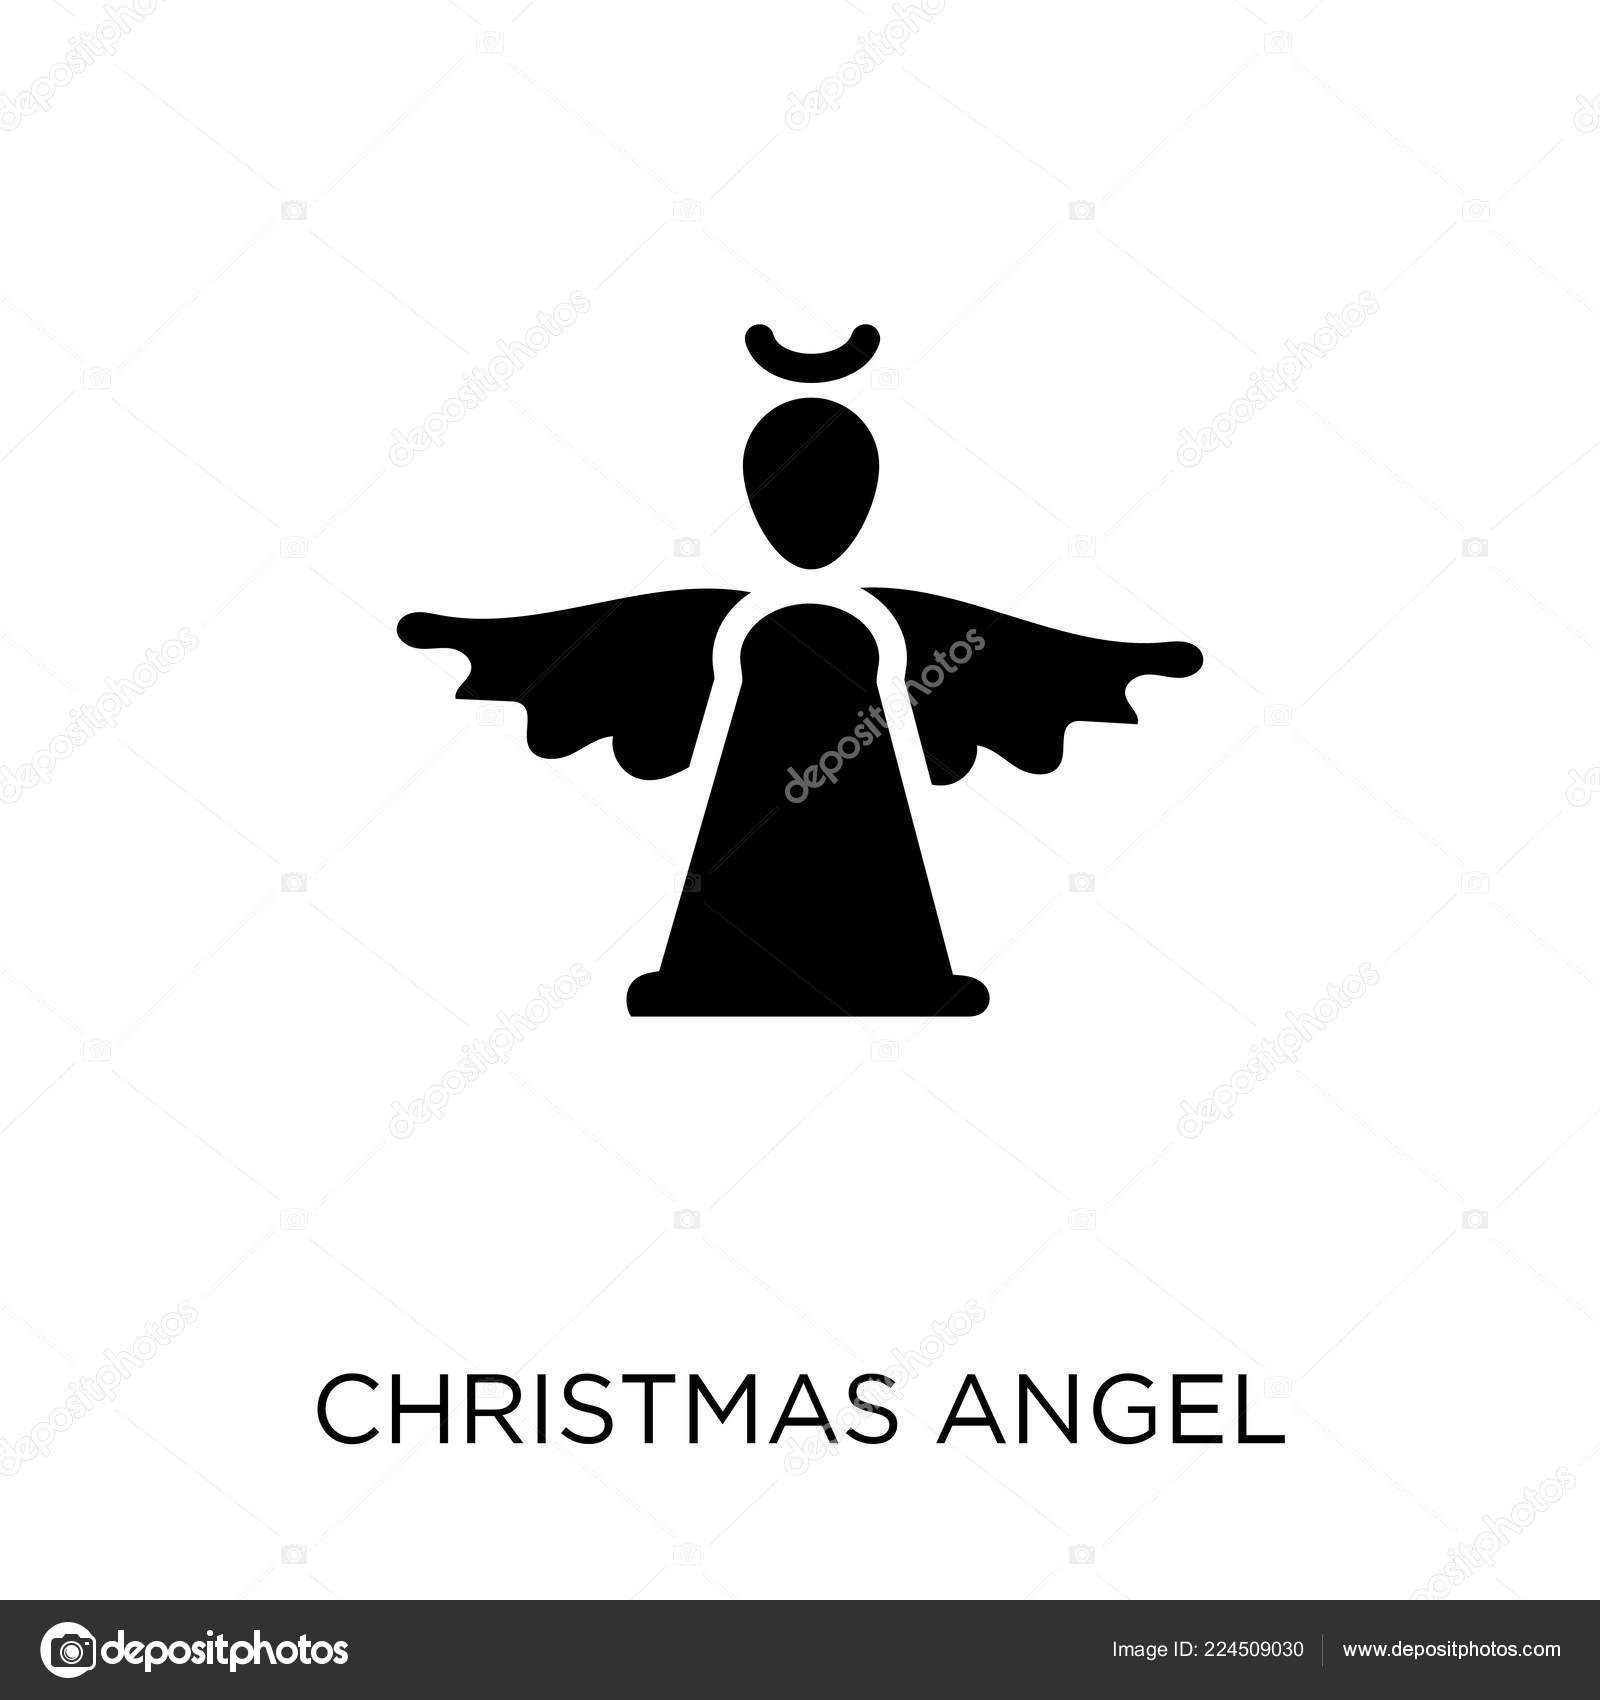 оформления картинка ангела из значков можете